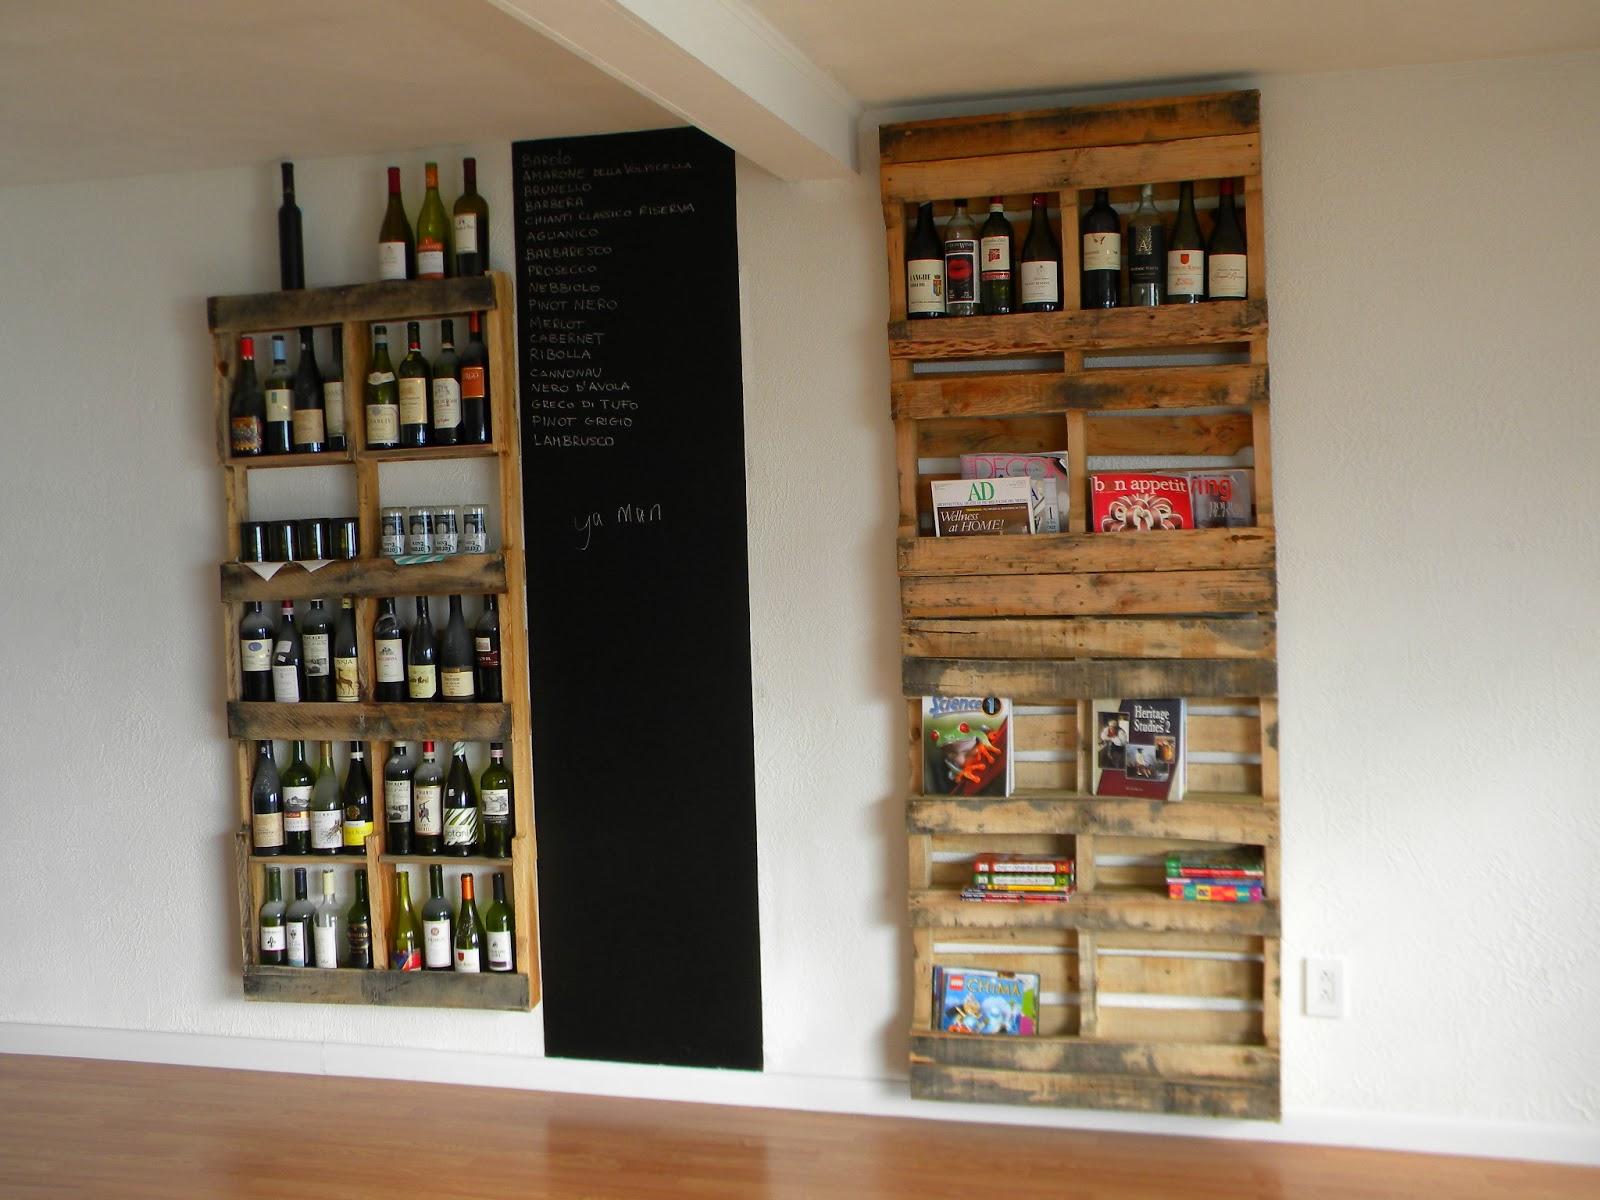 Arredamento Taverna Des Photos Des Photos De Fond Fond D'écran #A82923 1600 1200 Virtual Planner Cucina Mondo Convenienza